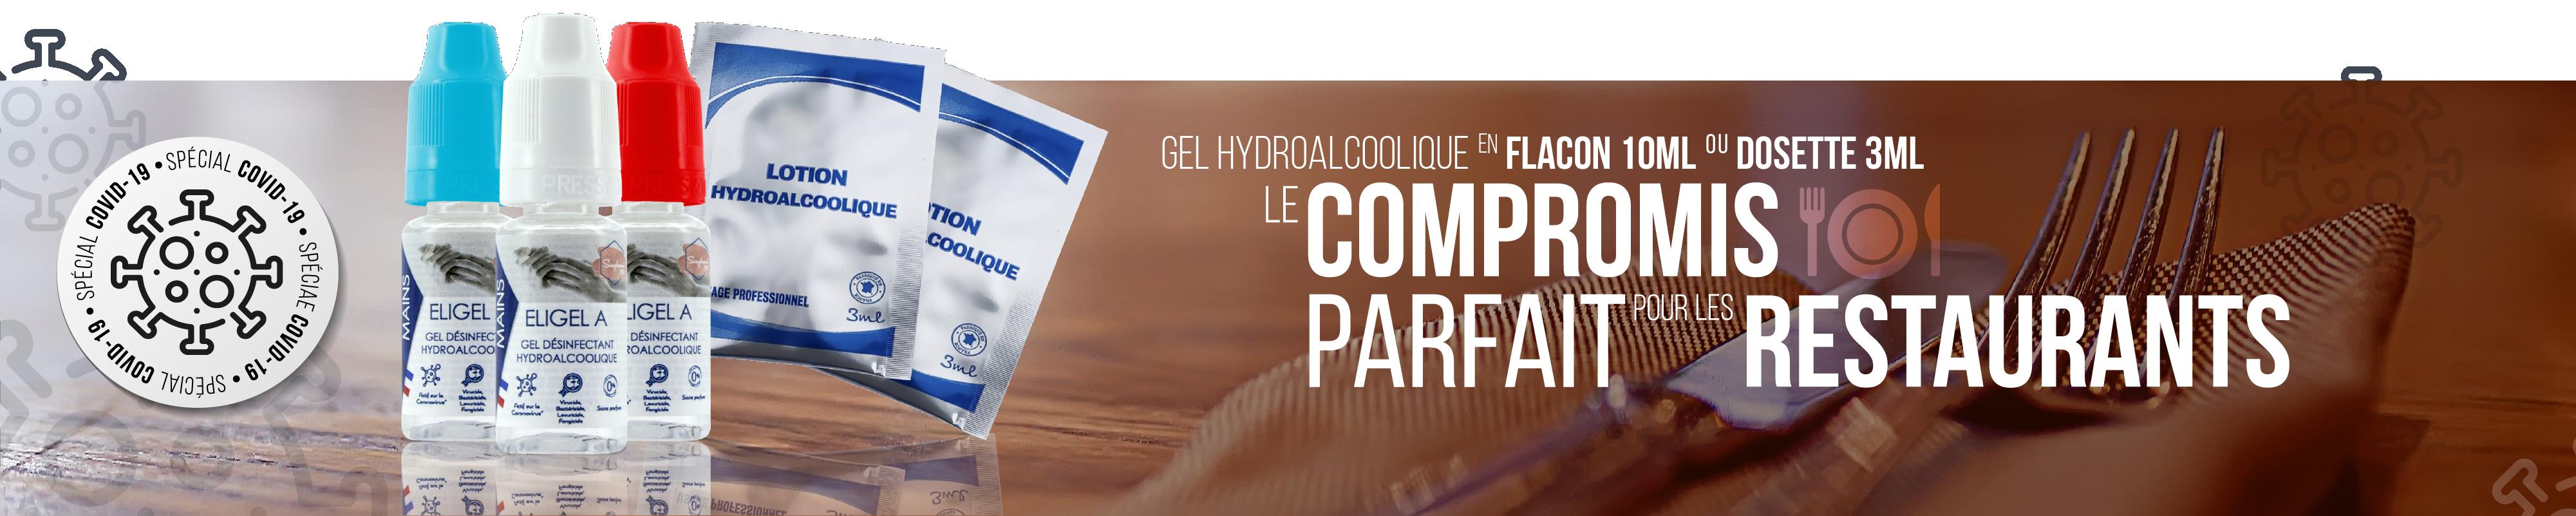 Gel hydroalcoolique flacon individuel 10ml et lotion hydroalcoolique dosette 3ml format individuel pour les restaurants